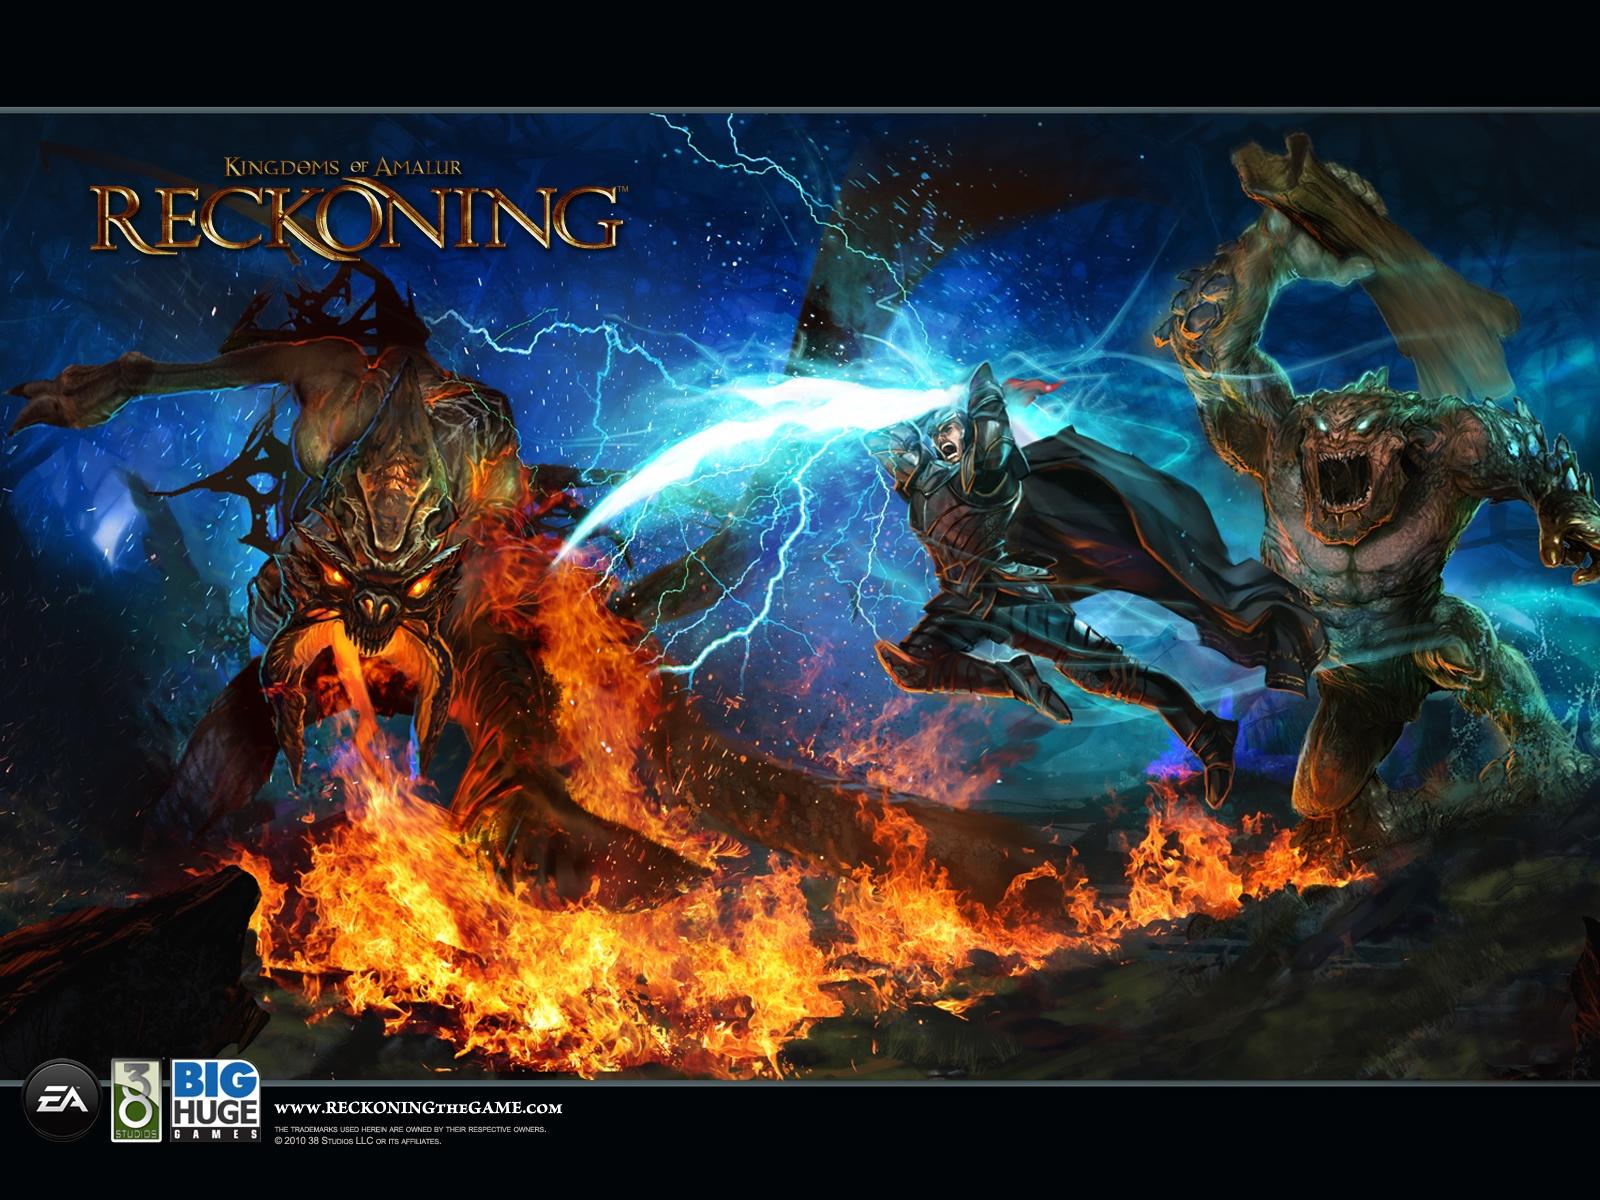 The Elderly Gamer Kingdoms Of Amalur Reckoning Game